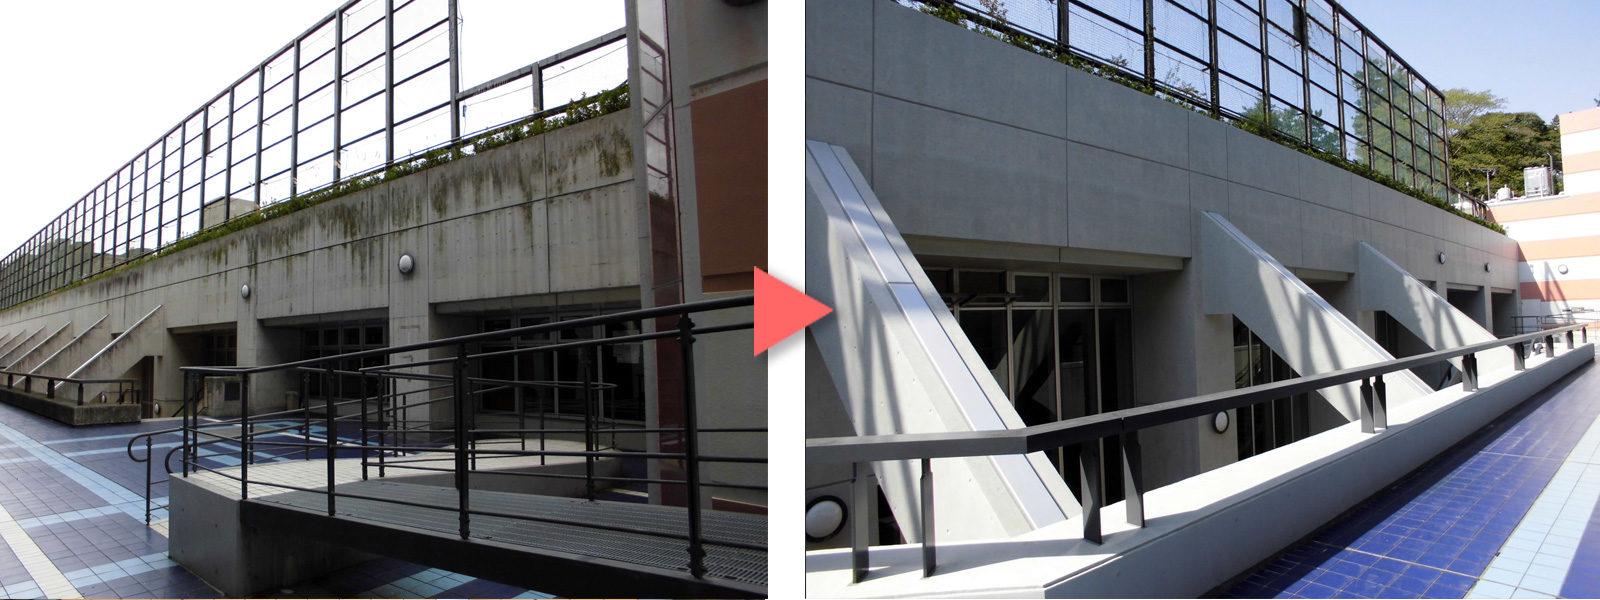 東京大学 御殿下記念館 比較2